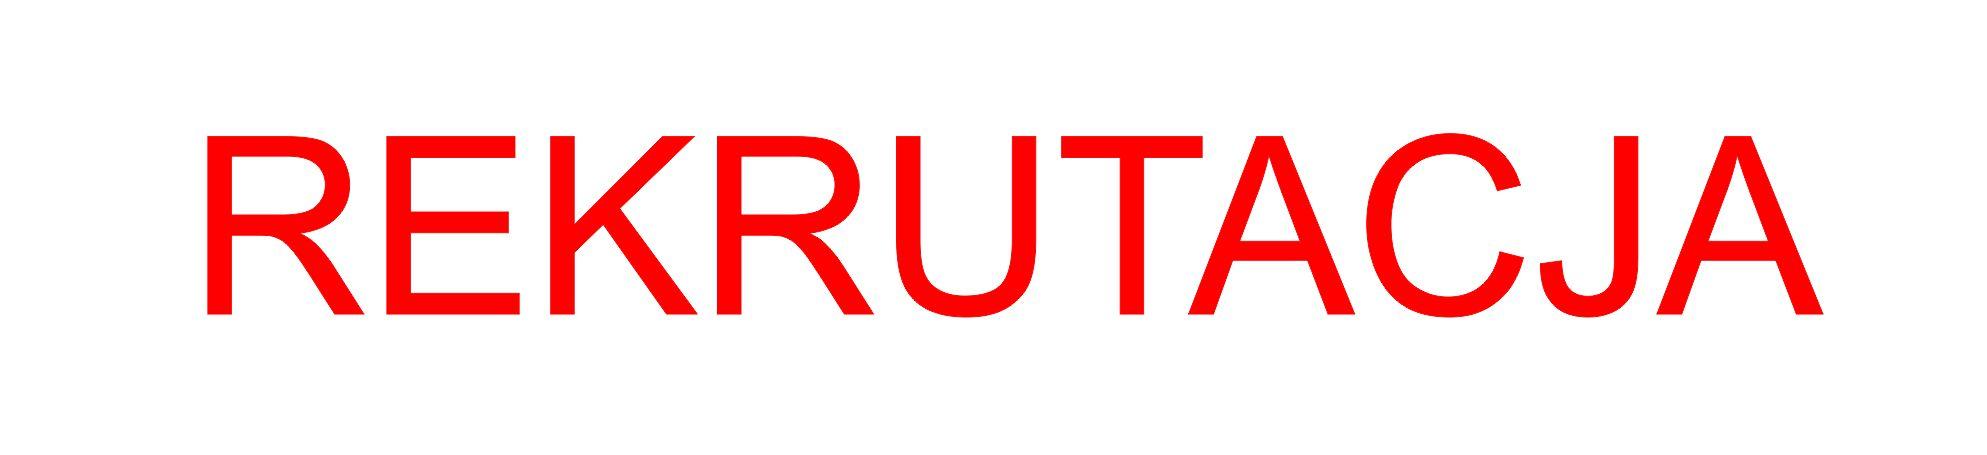 Follow Us on REKRUTACJA